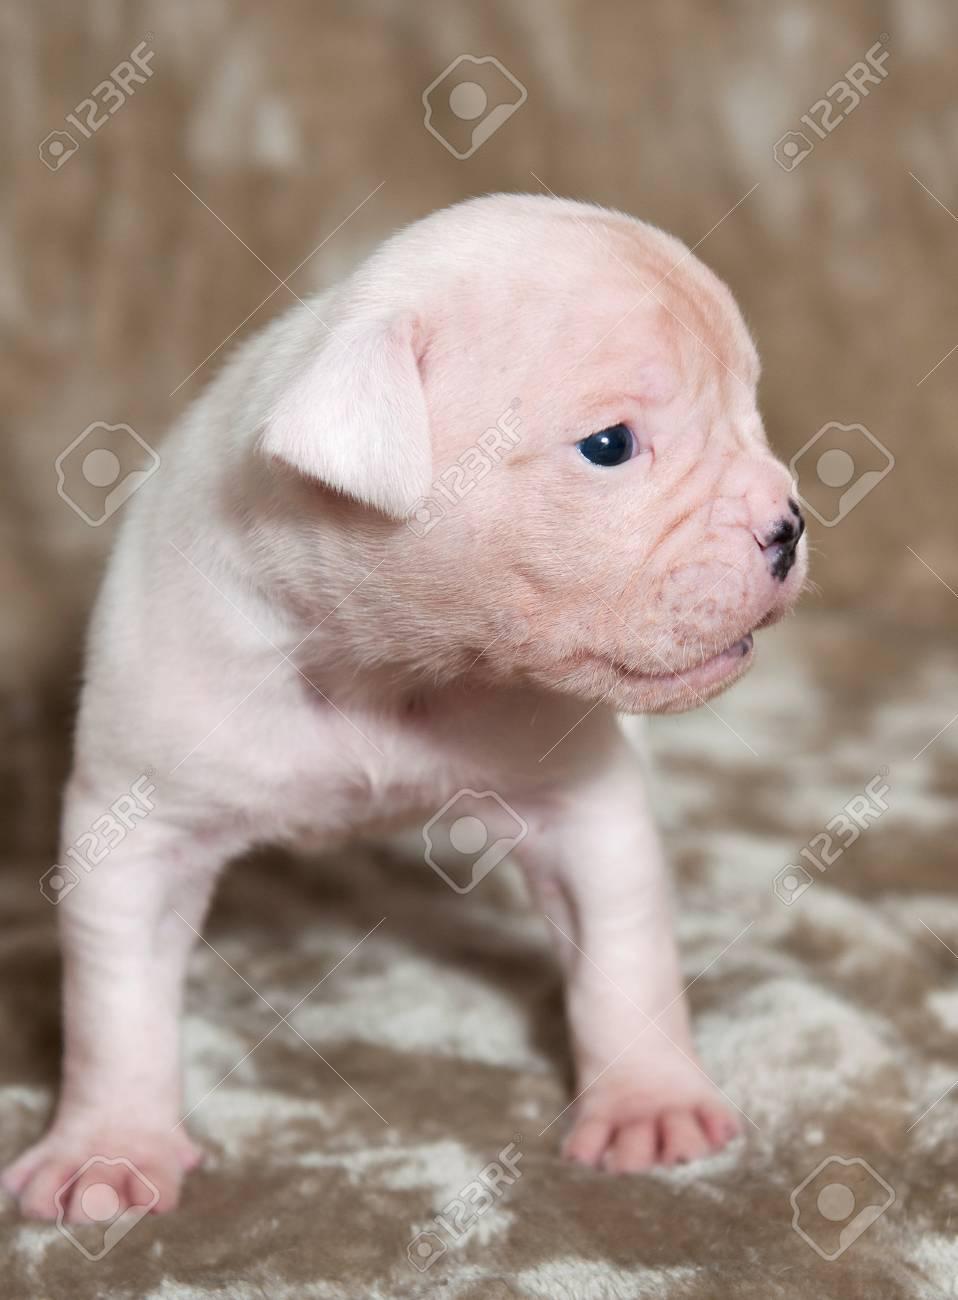 Lustige Weisse Amerikanische Bulldogge Welpen Auf Hellem Hintergrund Lizenzfreie Fotos Bilder Und Stock Fotografie Image 84726676